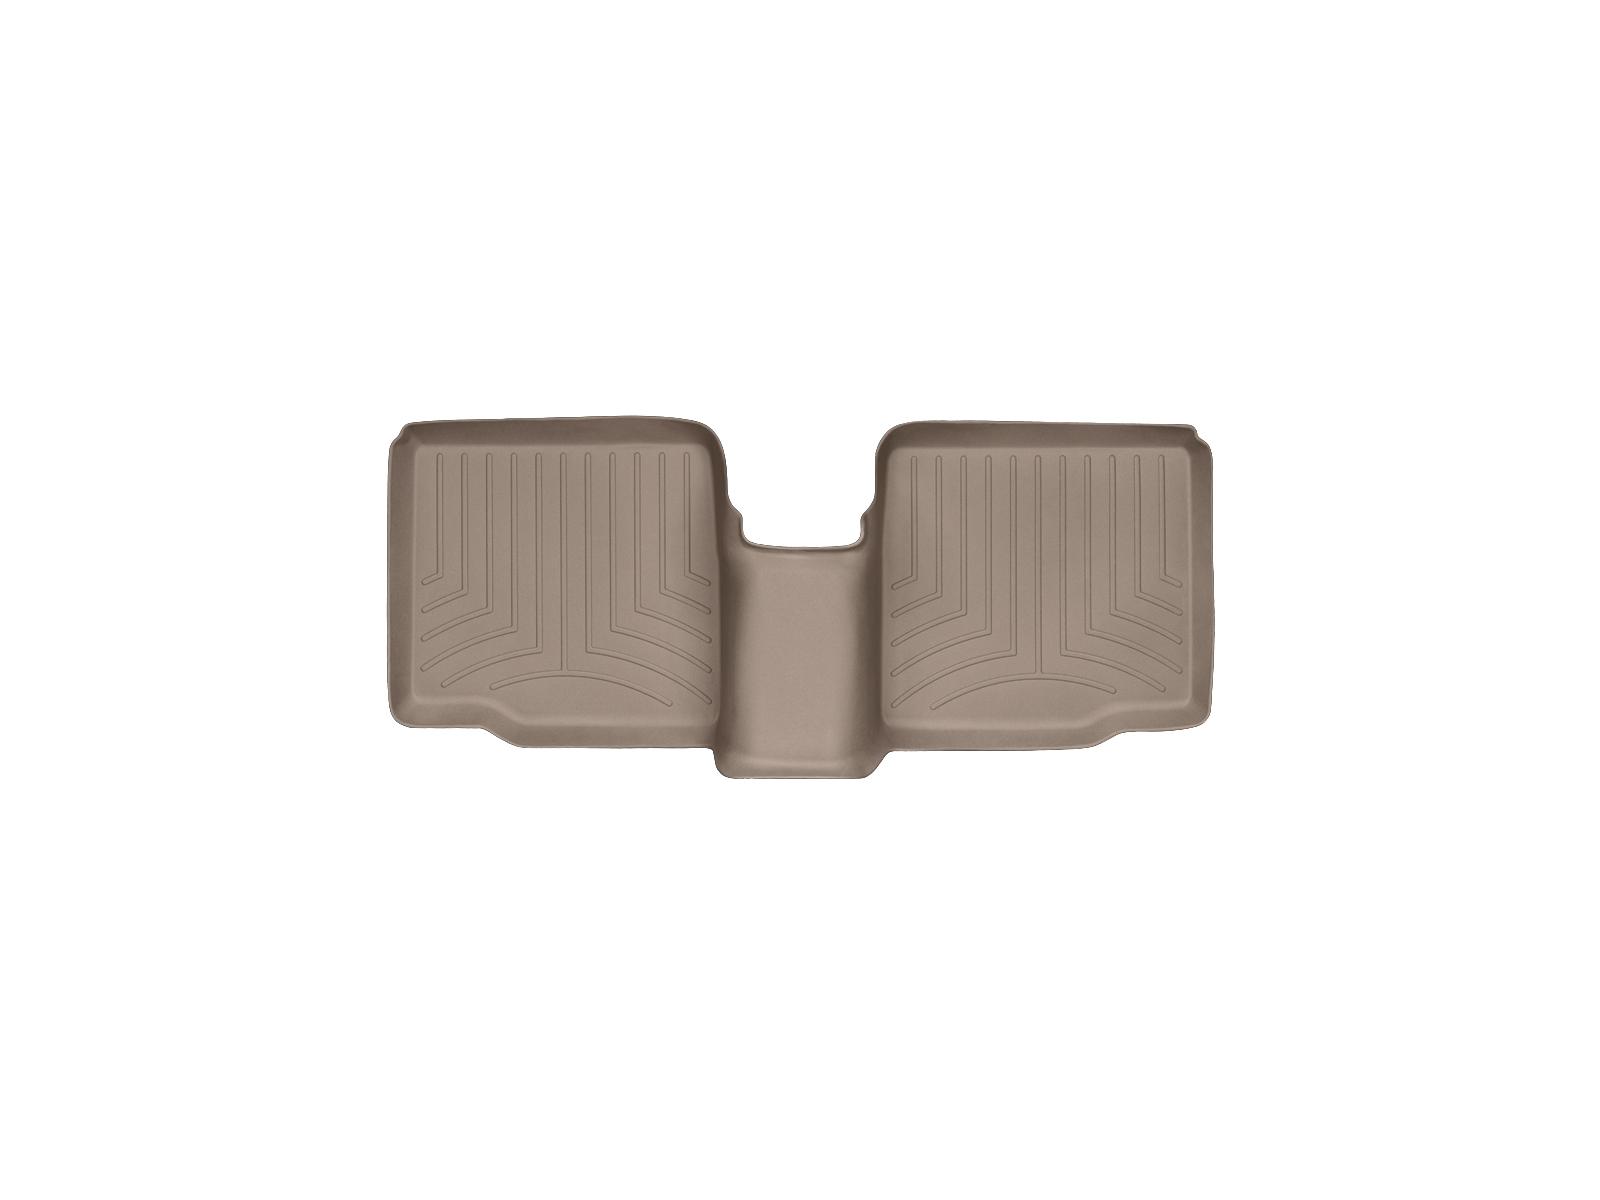 Tappeti gomma su misura bordo alto Ford Explorer 11>17 Marrone A874*